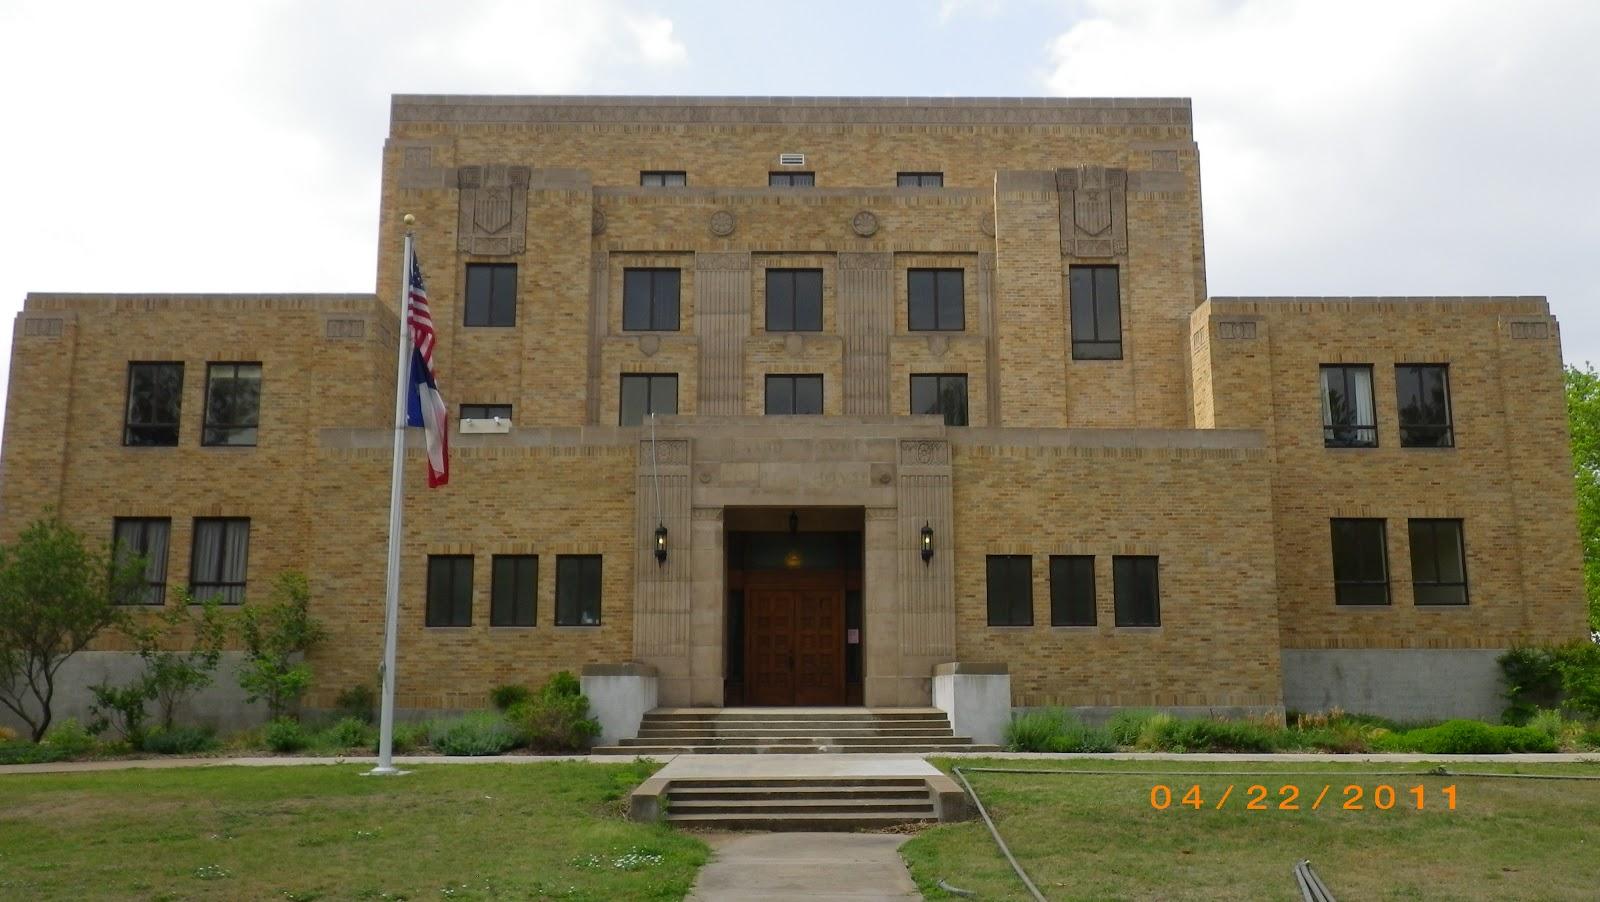 Texas Courthouse Tour: Easter weekend Lubbock trip: 4/22: Mason ...